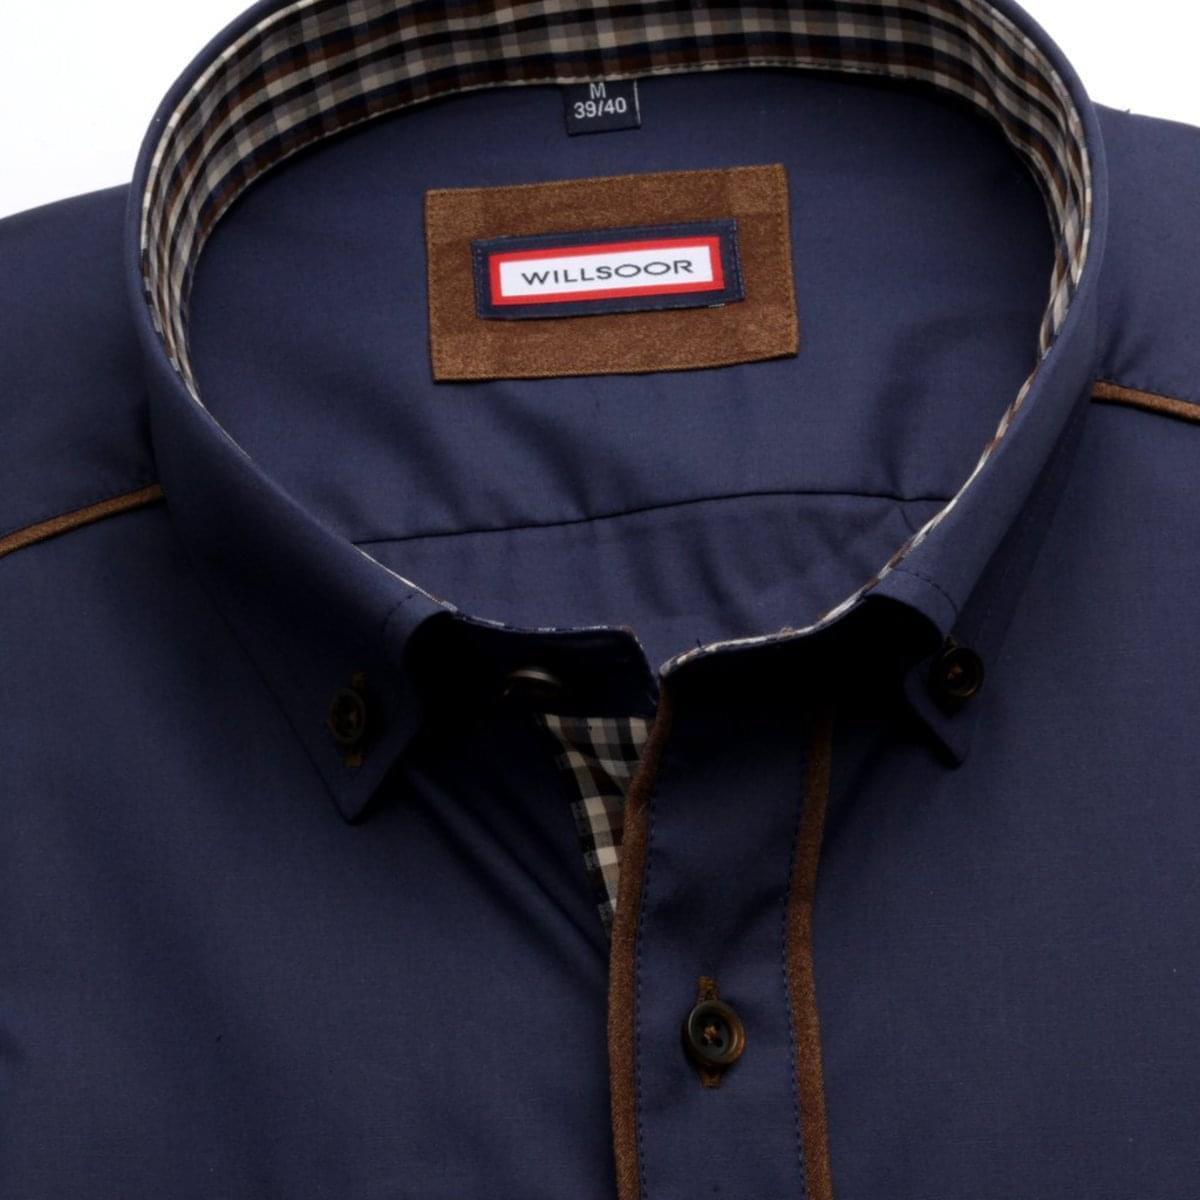 Pánská klasická košile Classic (výška 176-182) 6083 ve tmavě modré barvě s formulí Easy Care 176-182 / XL (43/44)